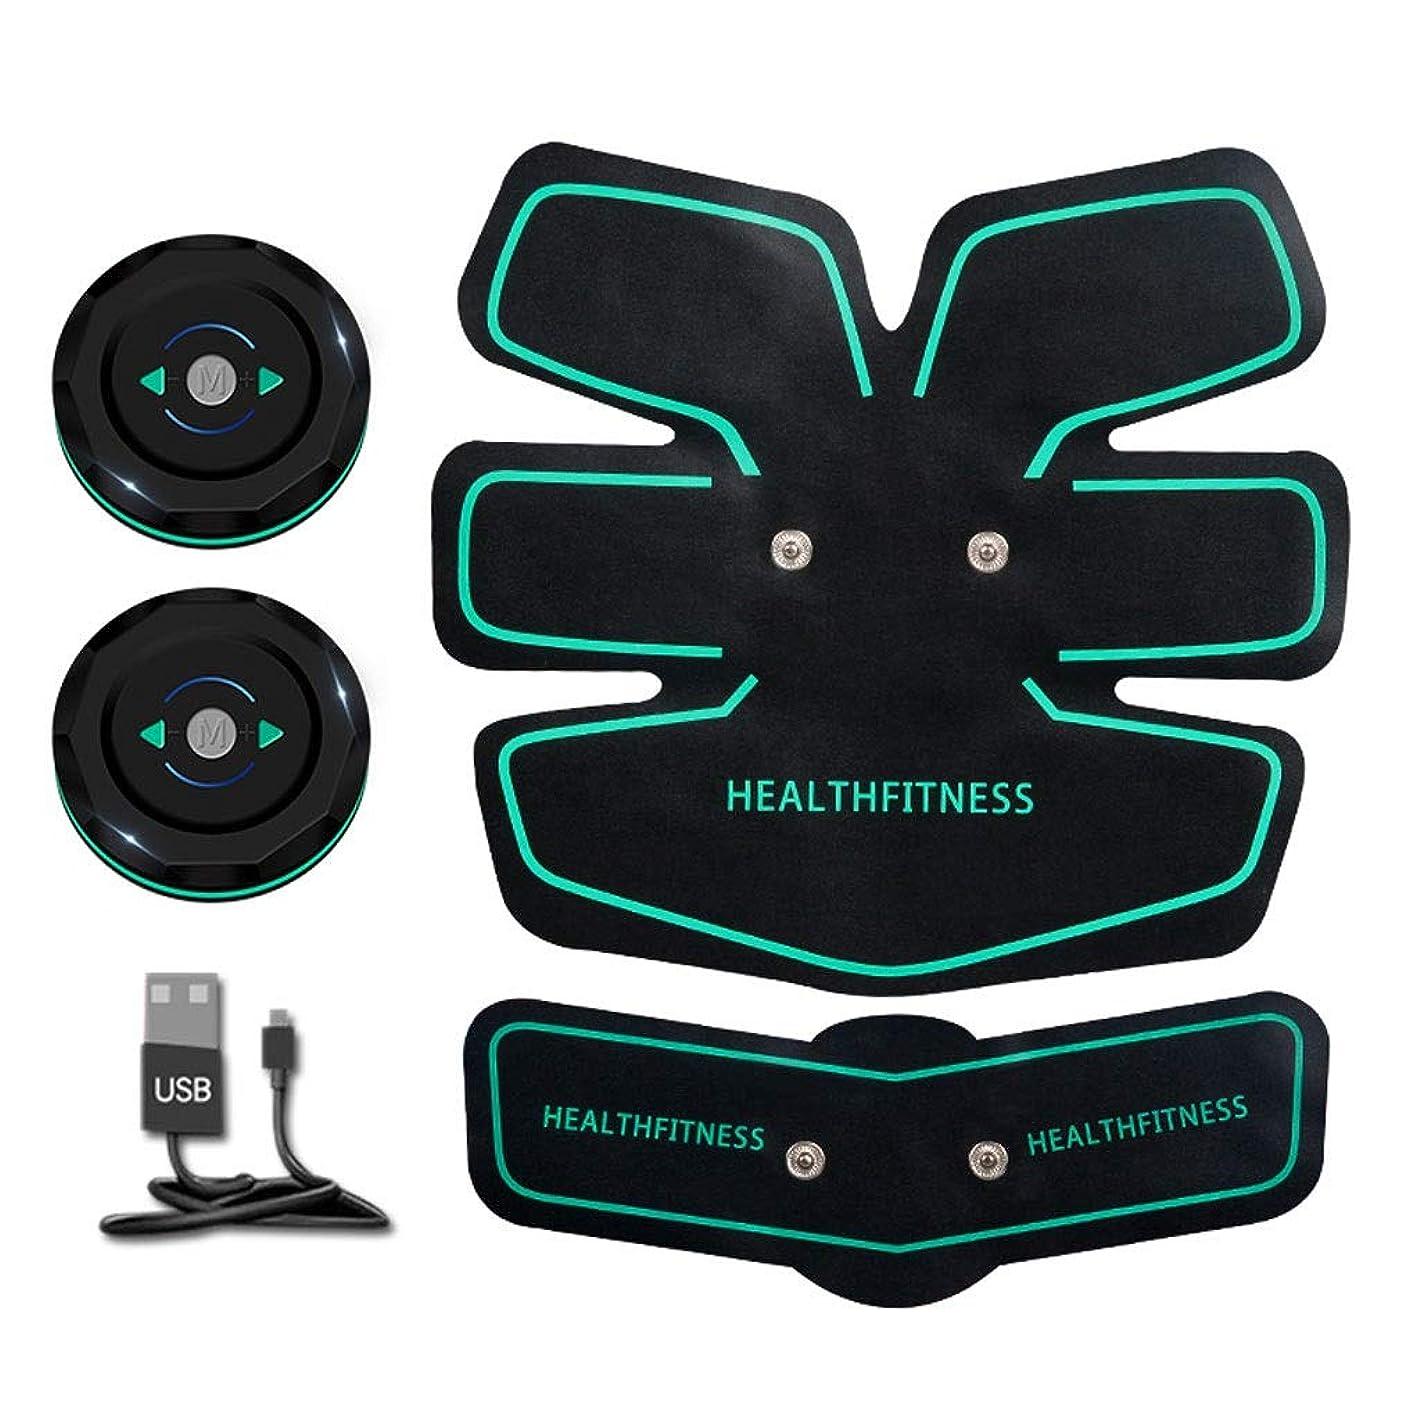 継続中チャンバーインシュレータ刺激装置、腹部調子を整えるベルトマッスルトナーポータブルマッスルトレーナー、ボディマッスルフィットネストレーナー6モード9レベル簡単操作用腹部アーム (Color : Green, Size : A+B)